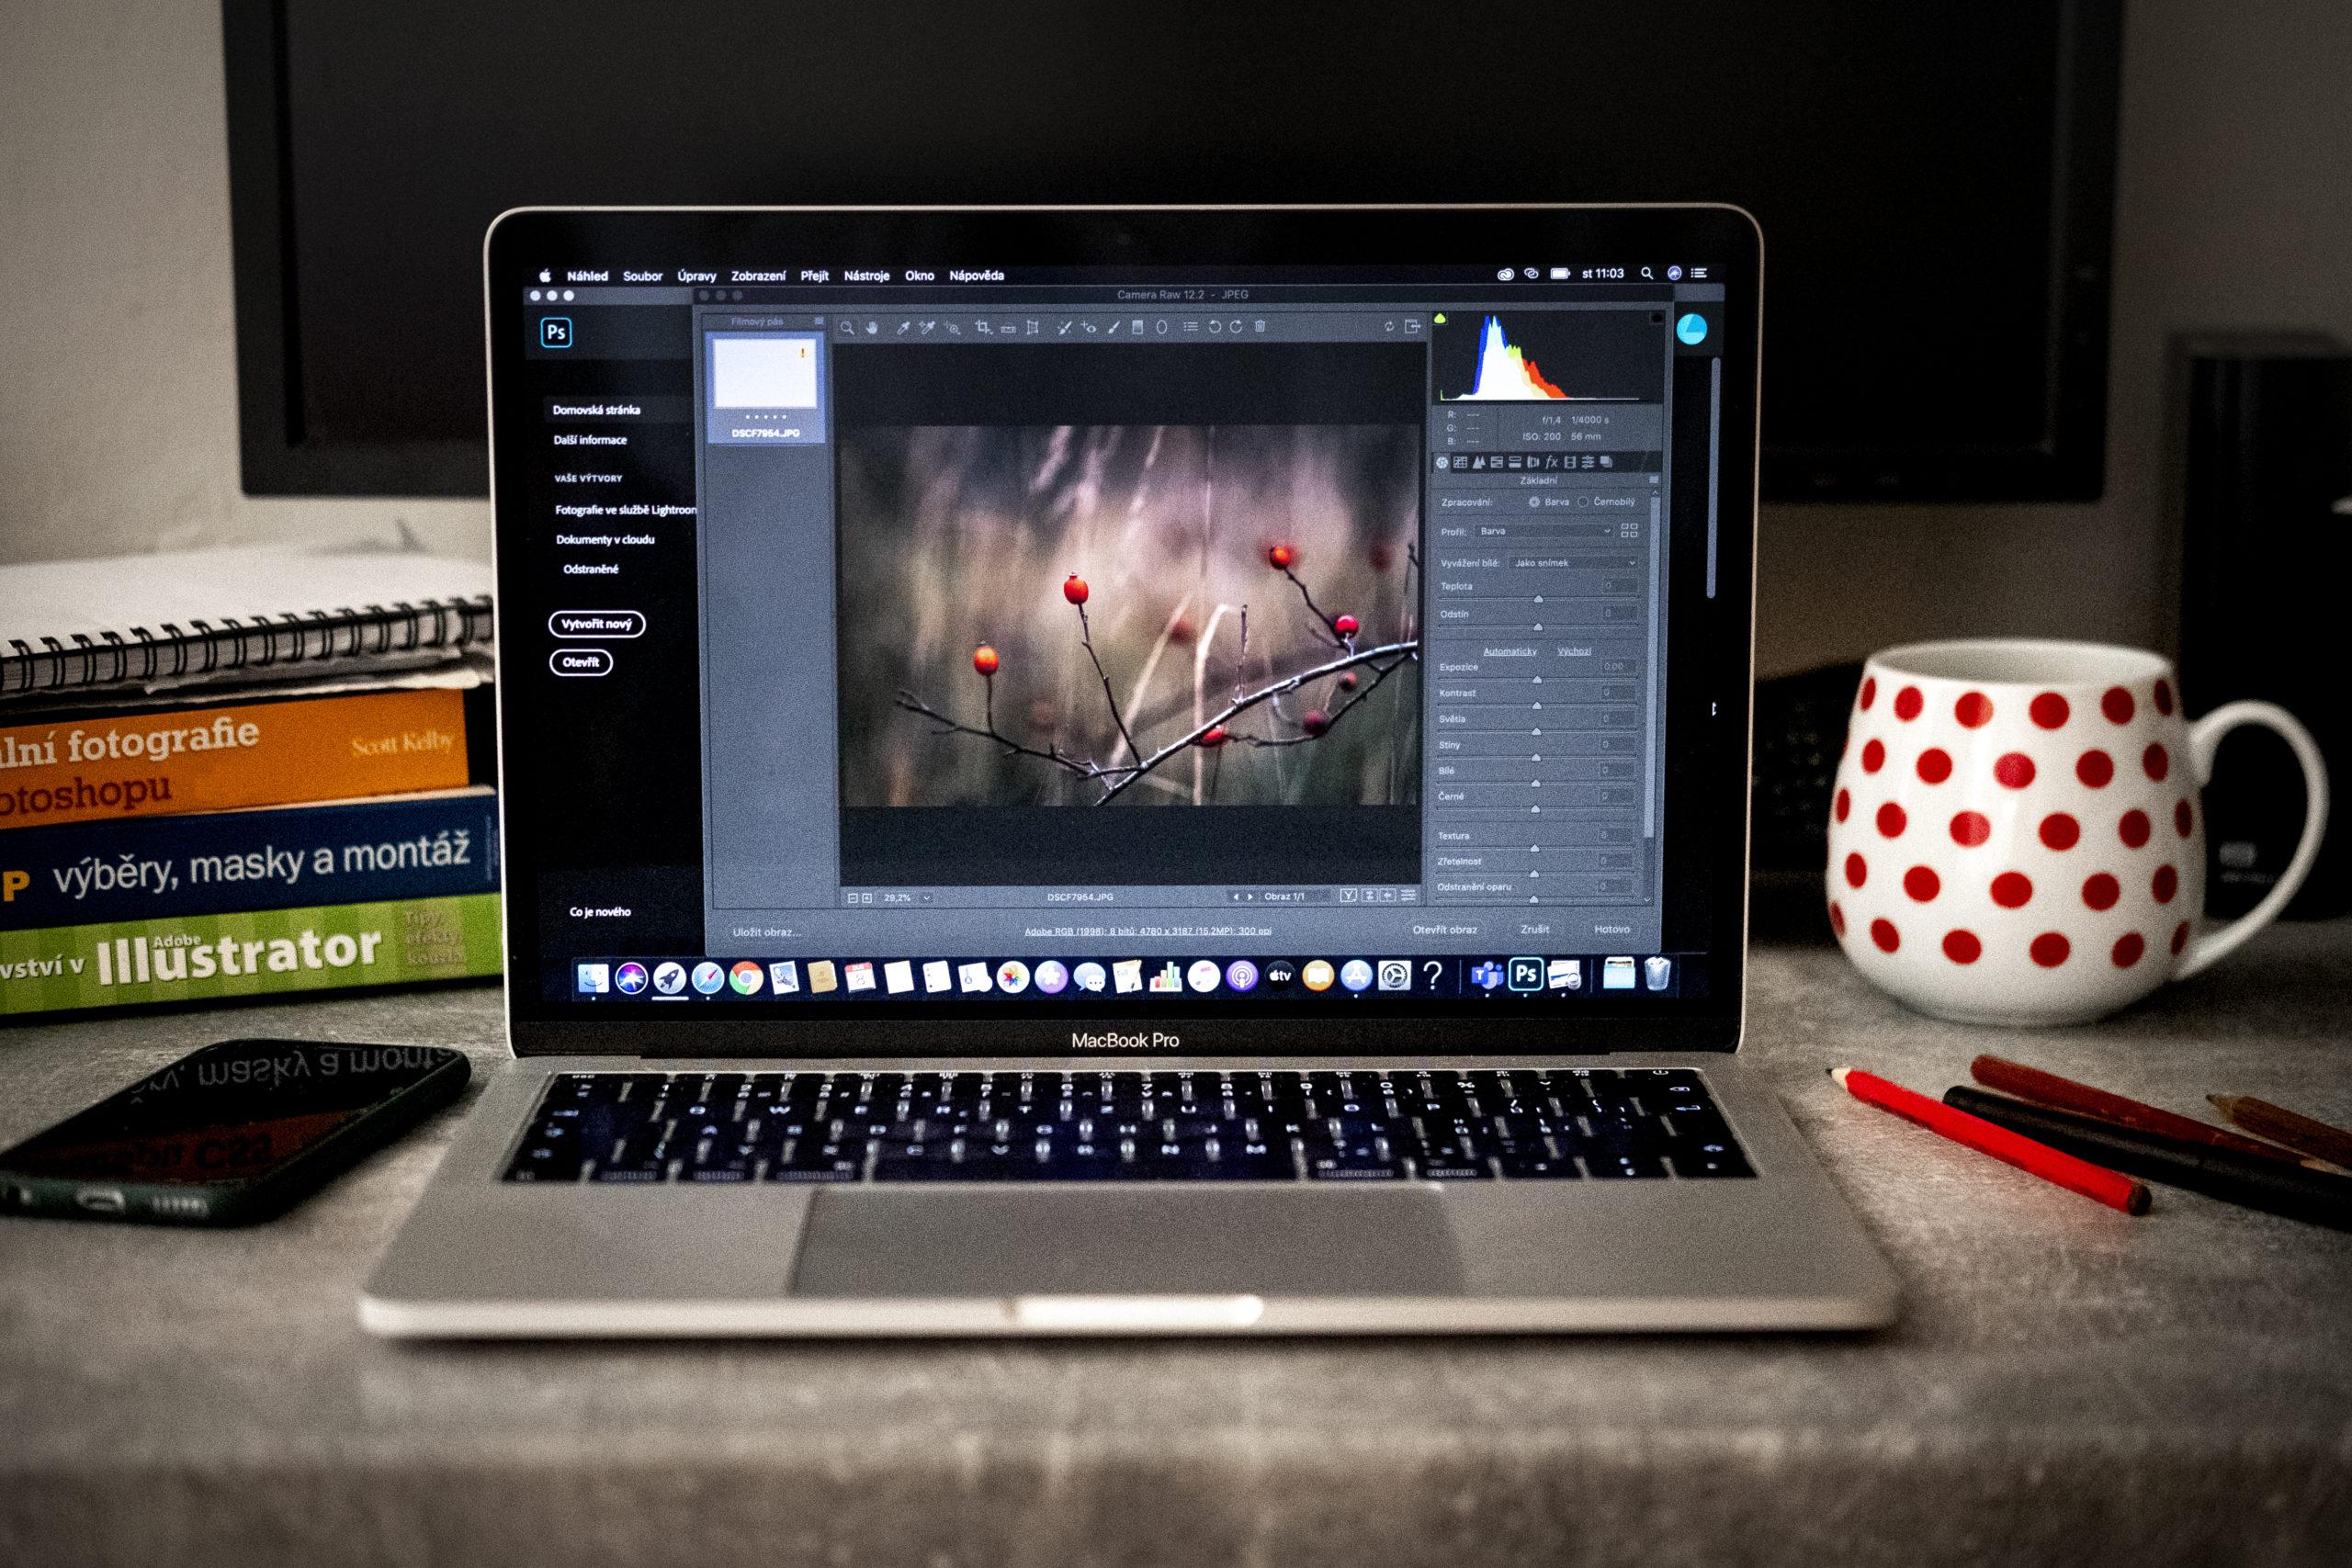 úprava, pc, photoshop, úpravy v grafickém editoru